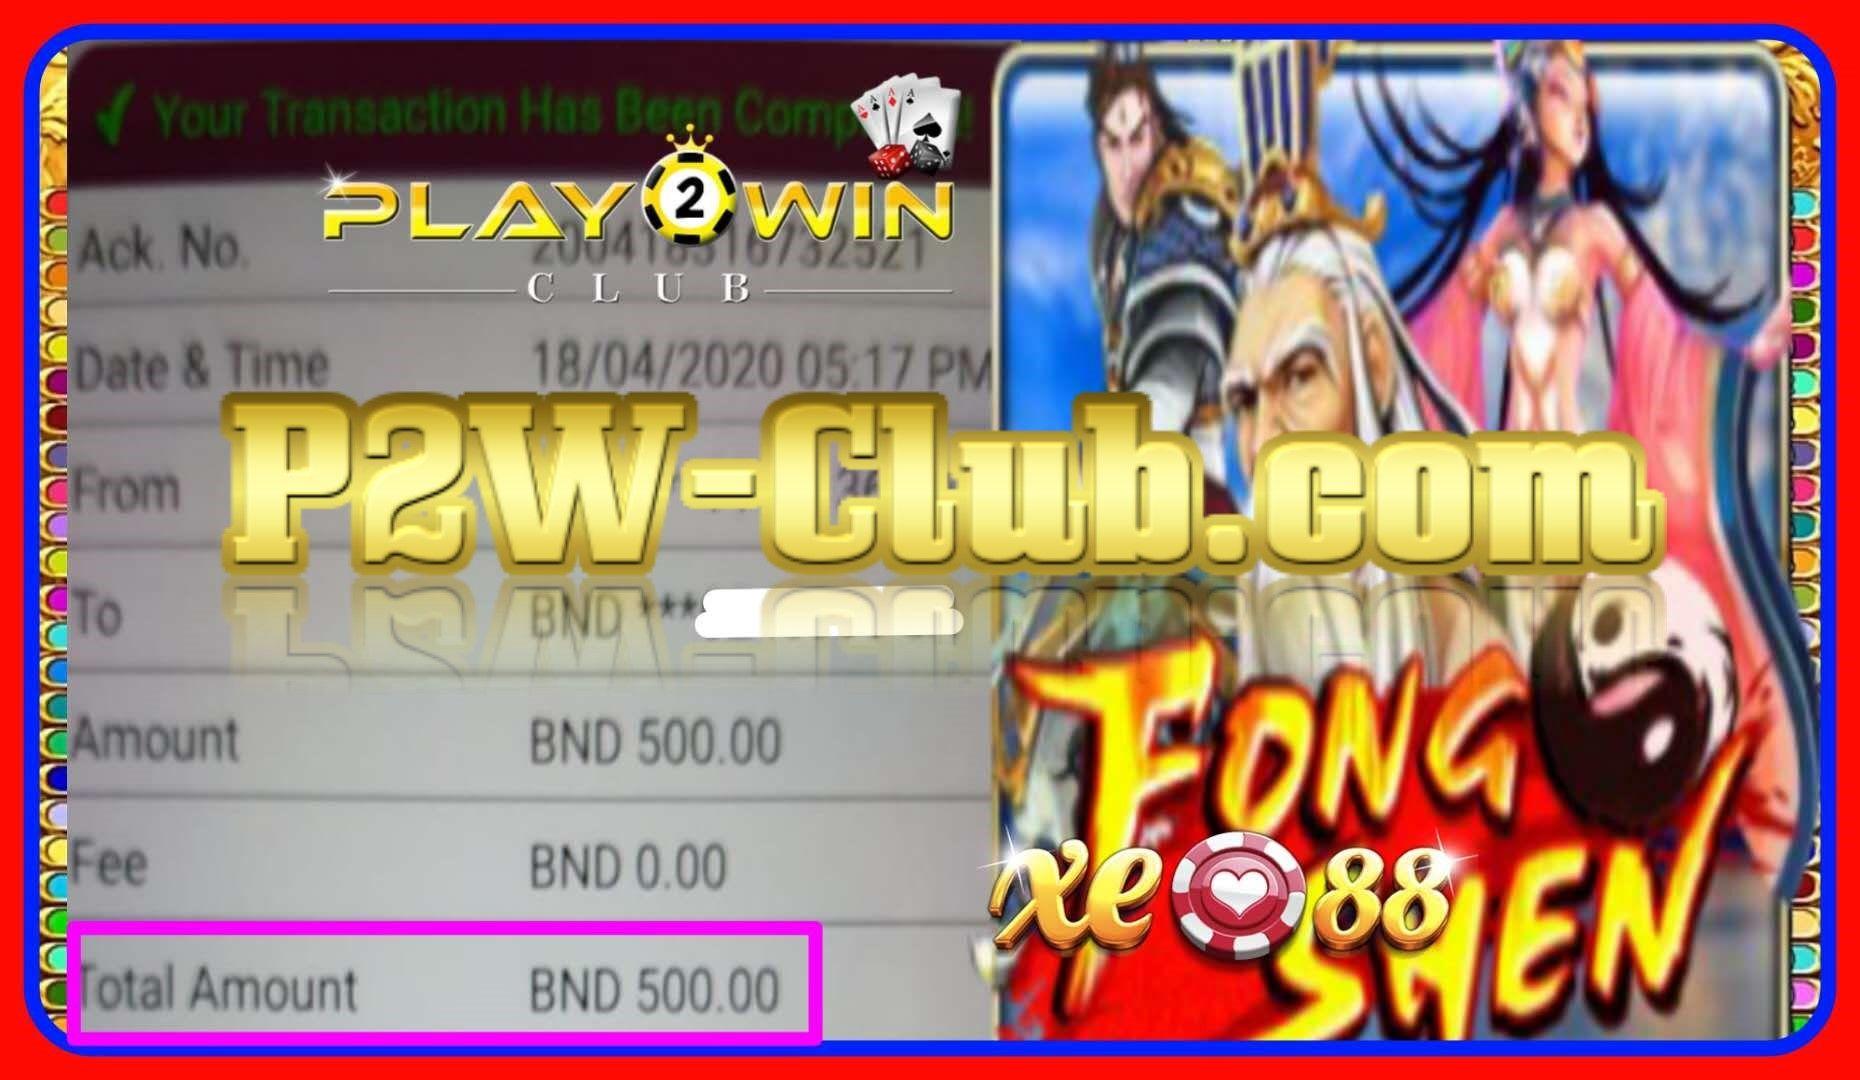 XE88 Fong Shen Casino Online Games | P2W-Club.com